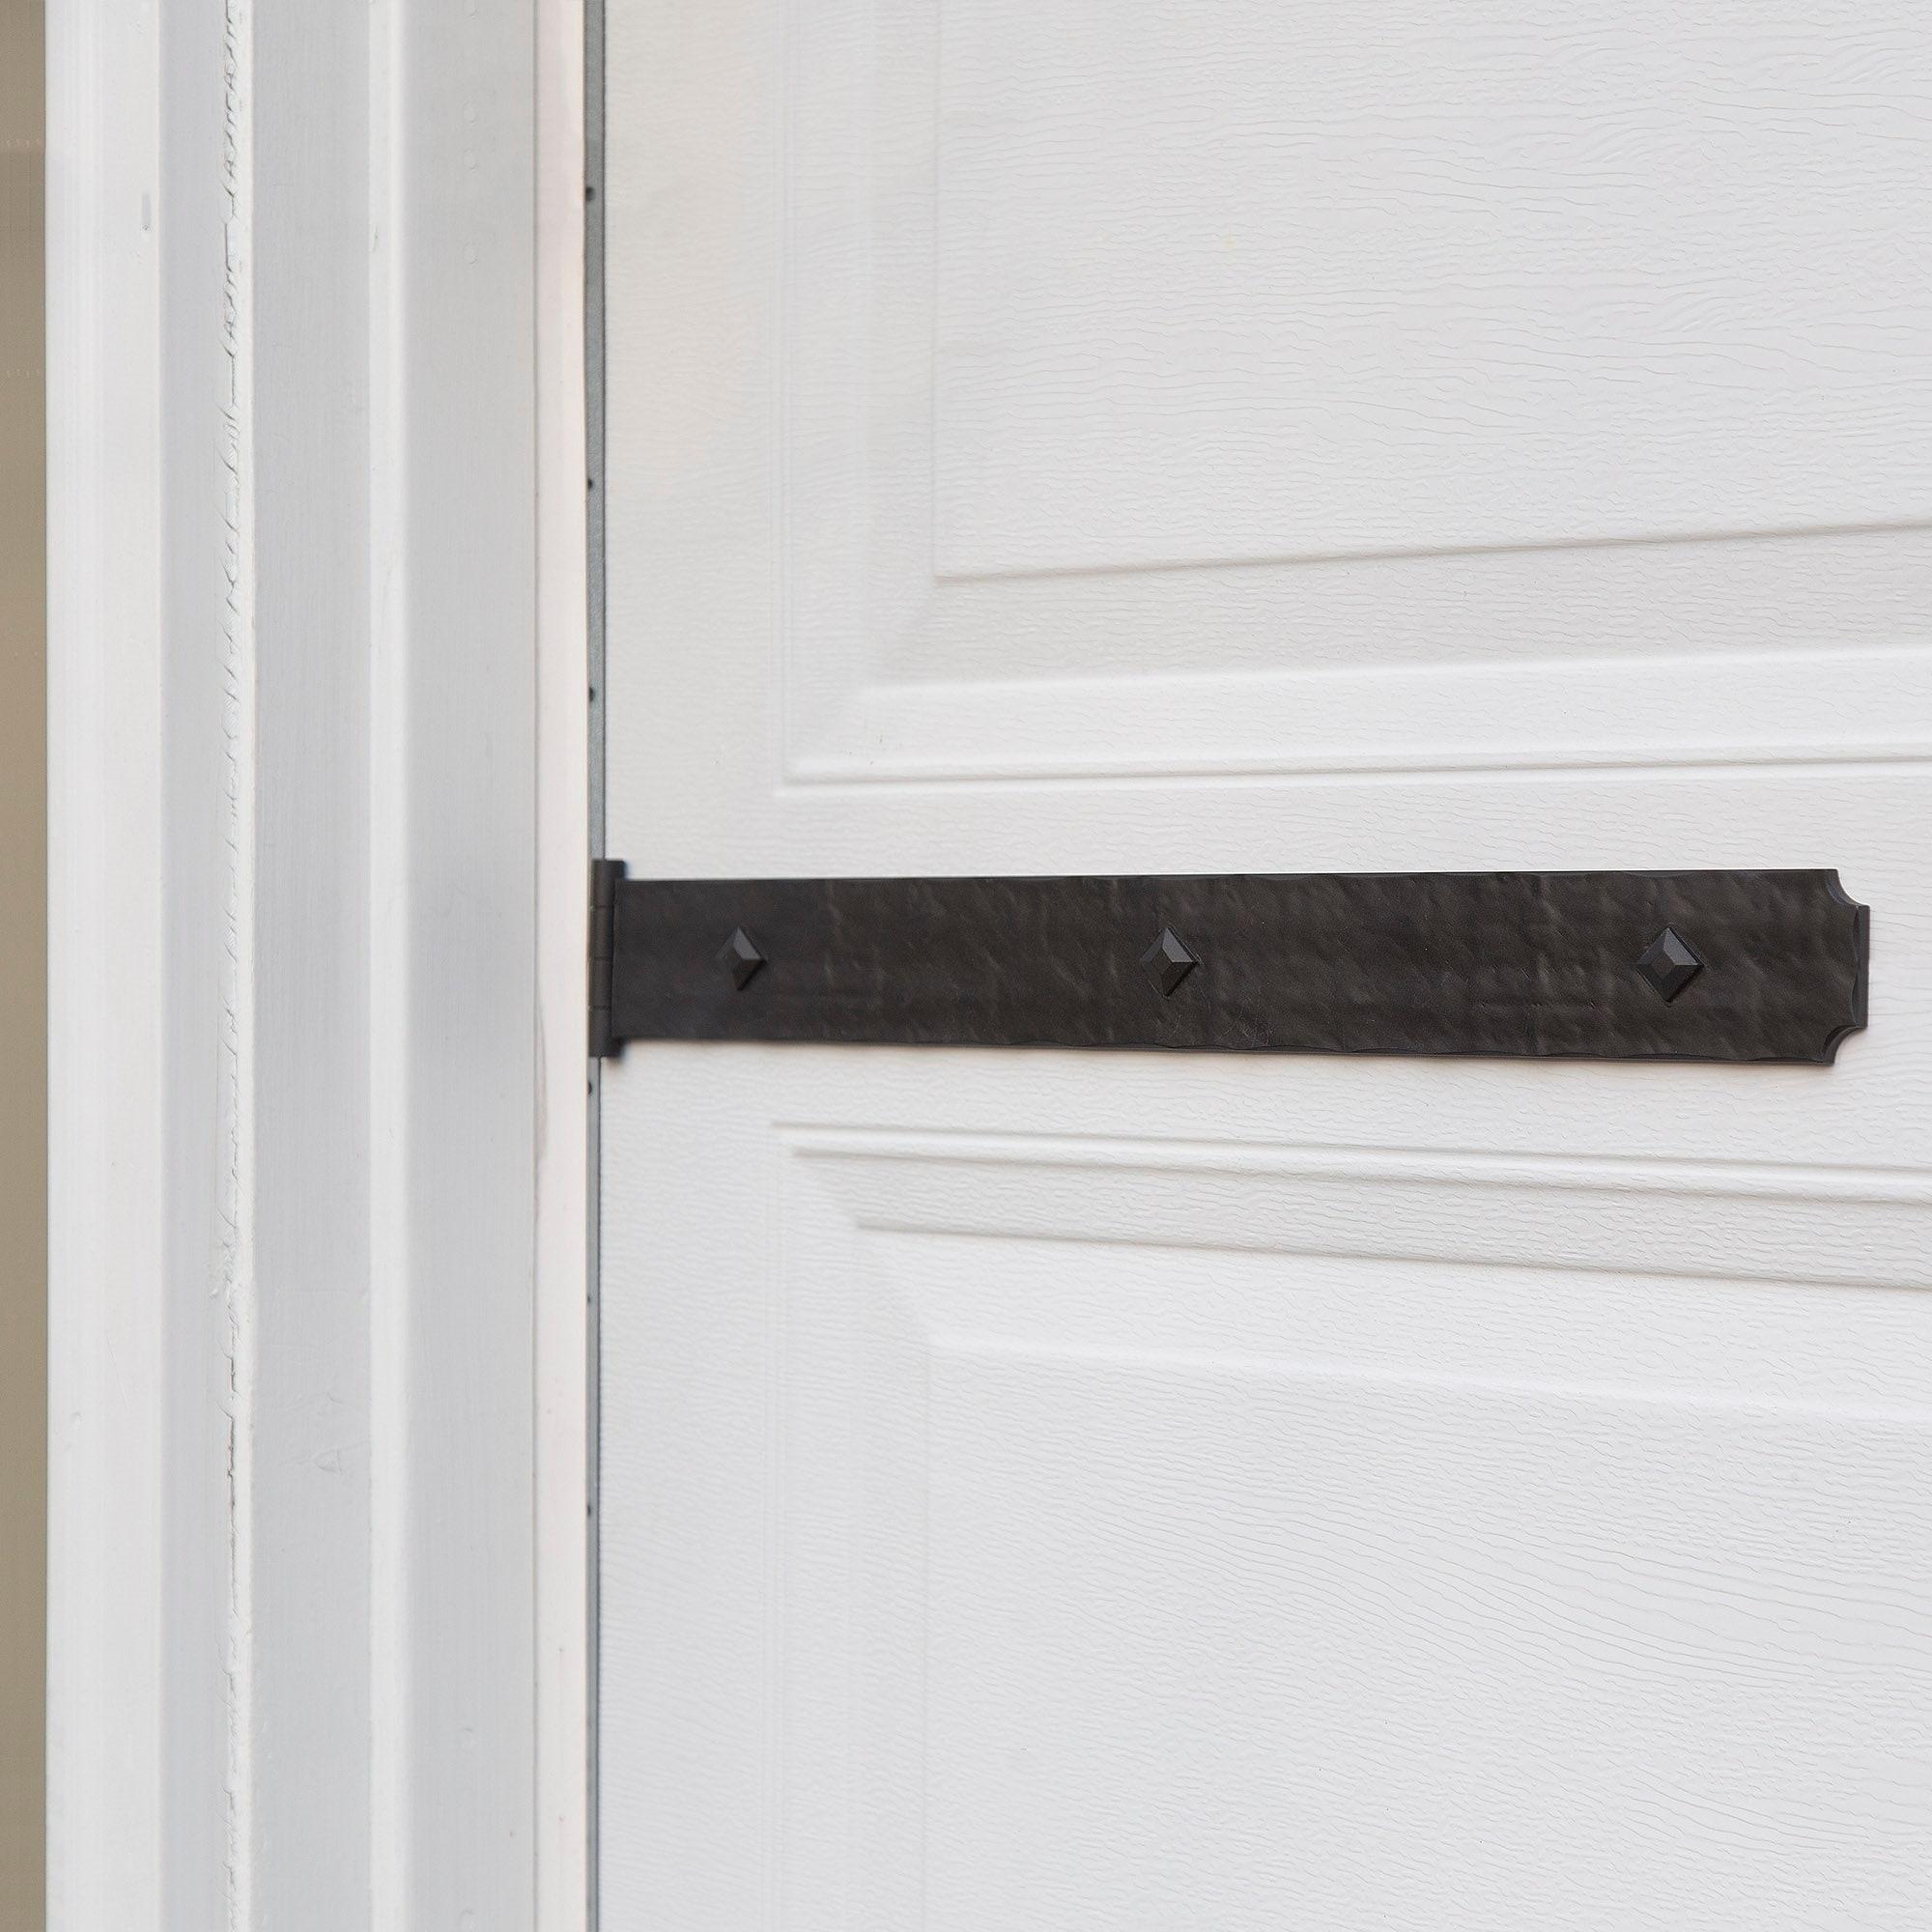 clopay garage door t co nongzi sizing handles within handle x lock